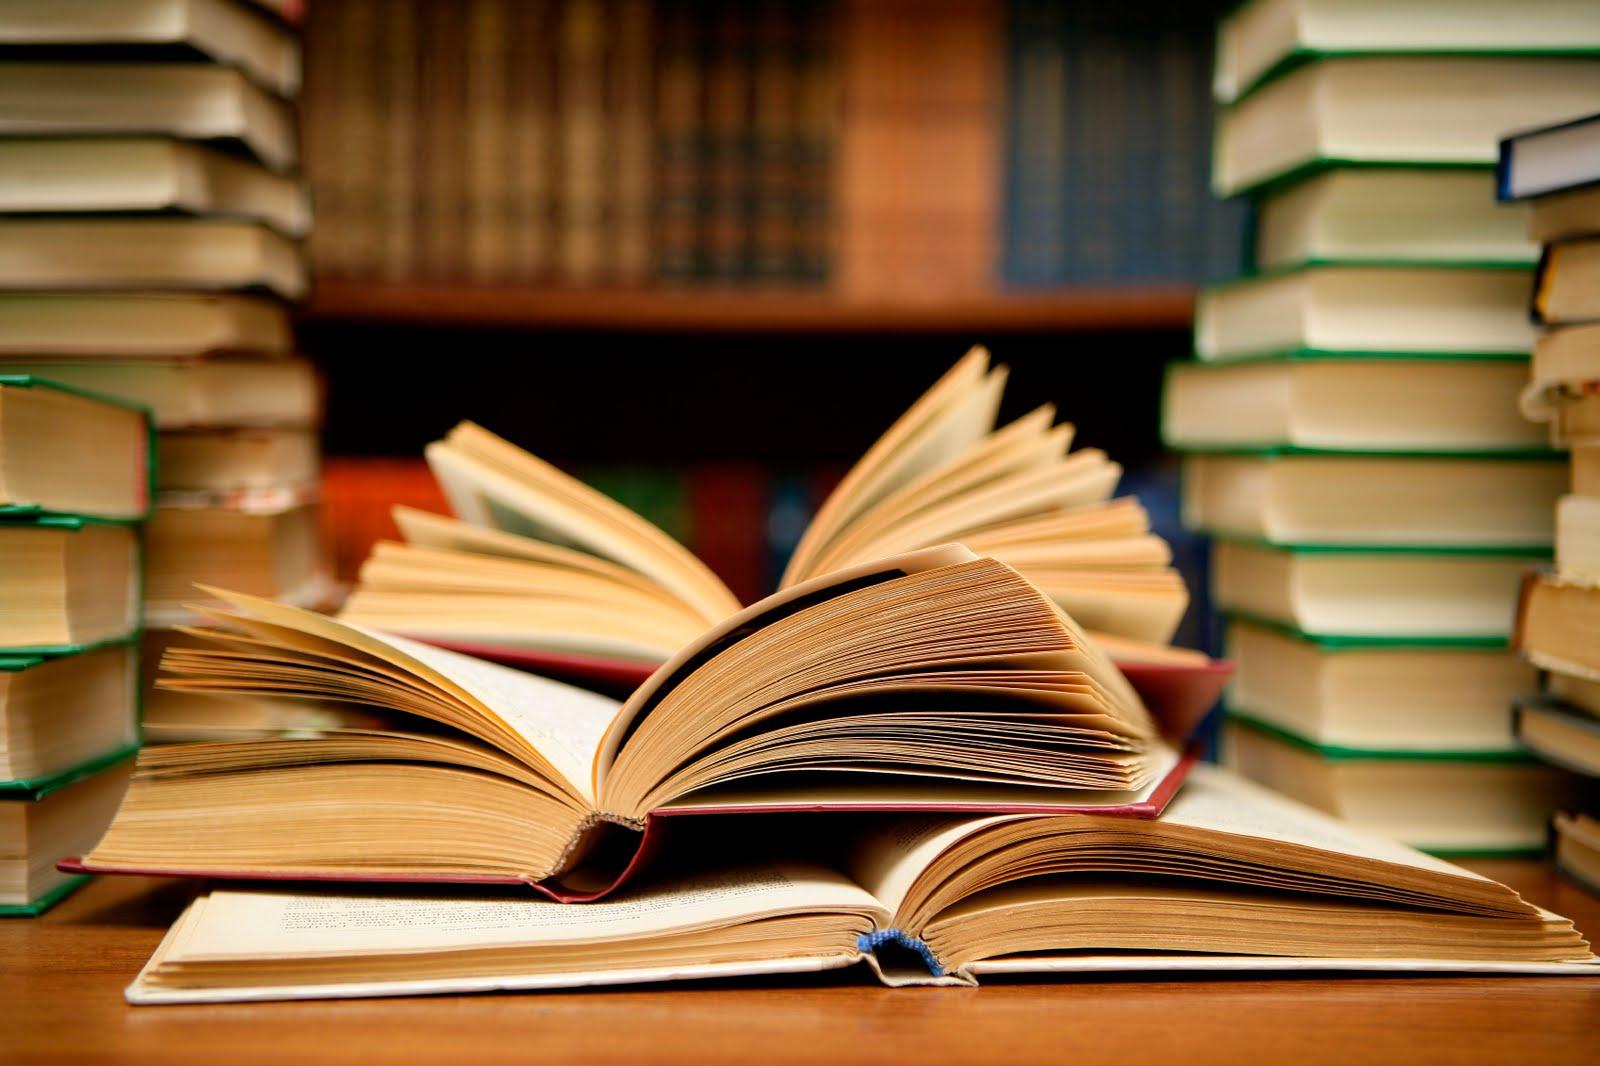 Conoce el origen del Día Internacional del Libro